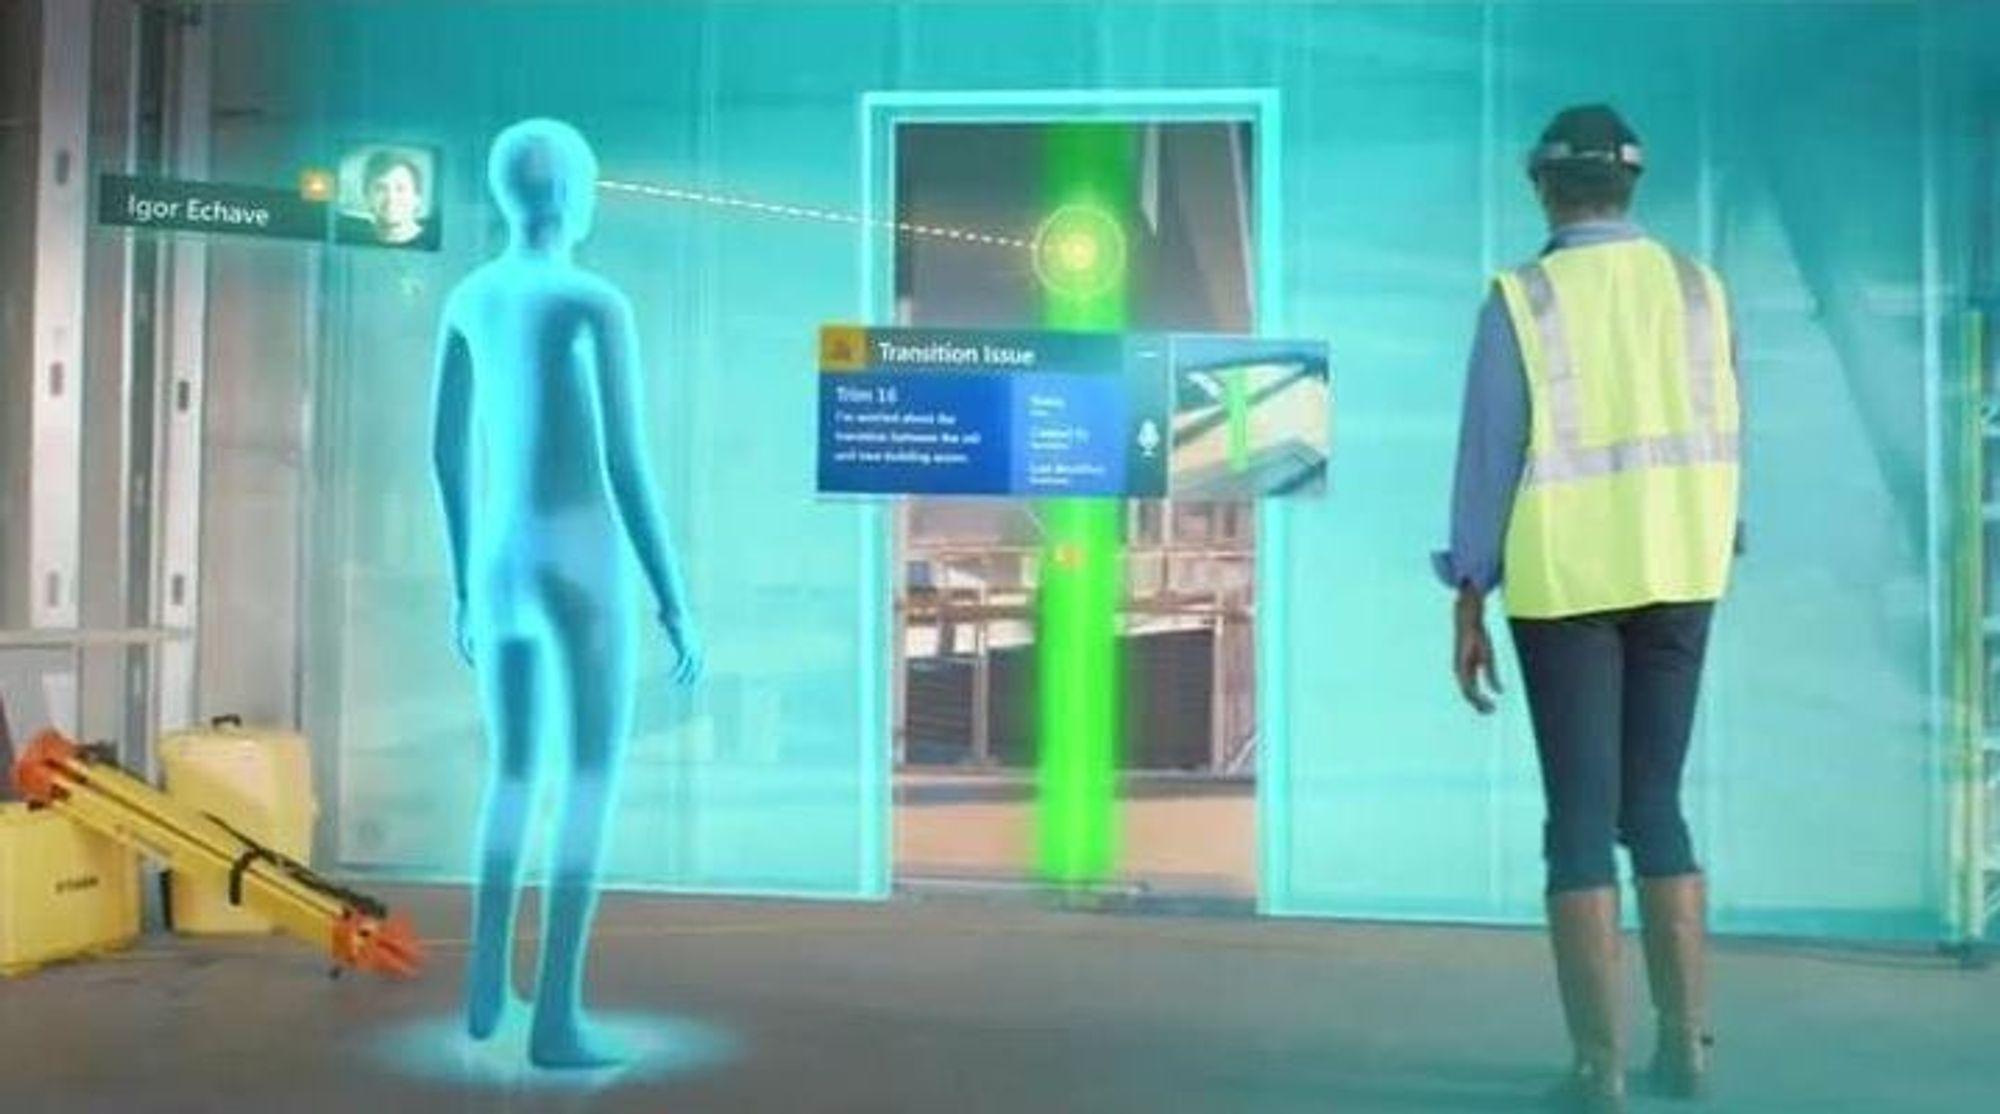 Ved hjelp av hologrammer kan bygglederen tas med på en rundtur i bygget uten å forlate sitt eget kontor.